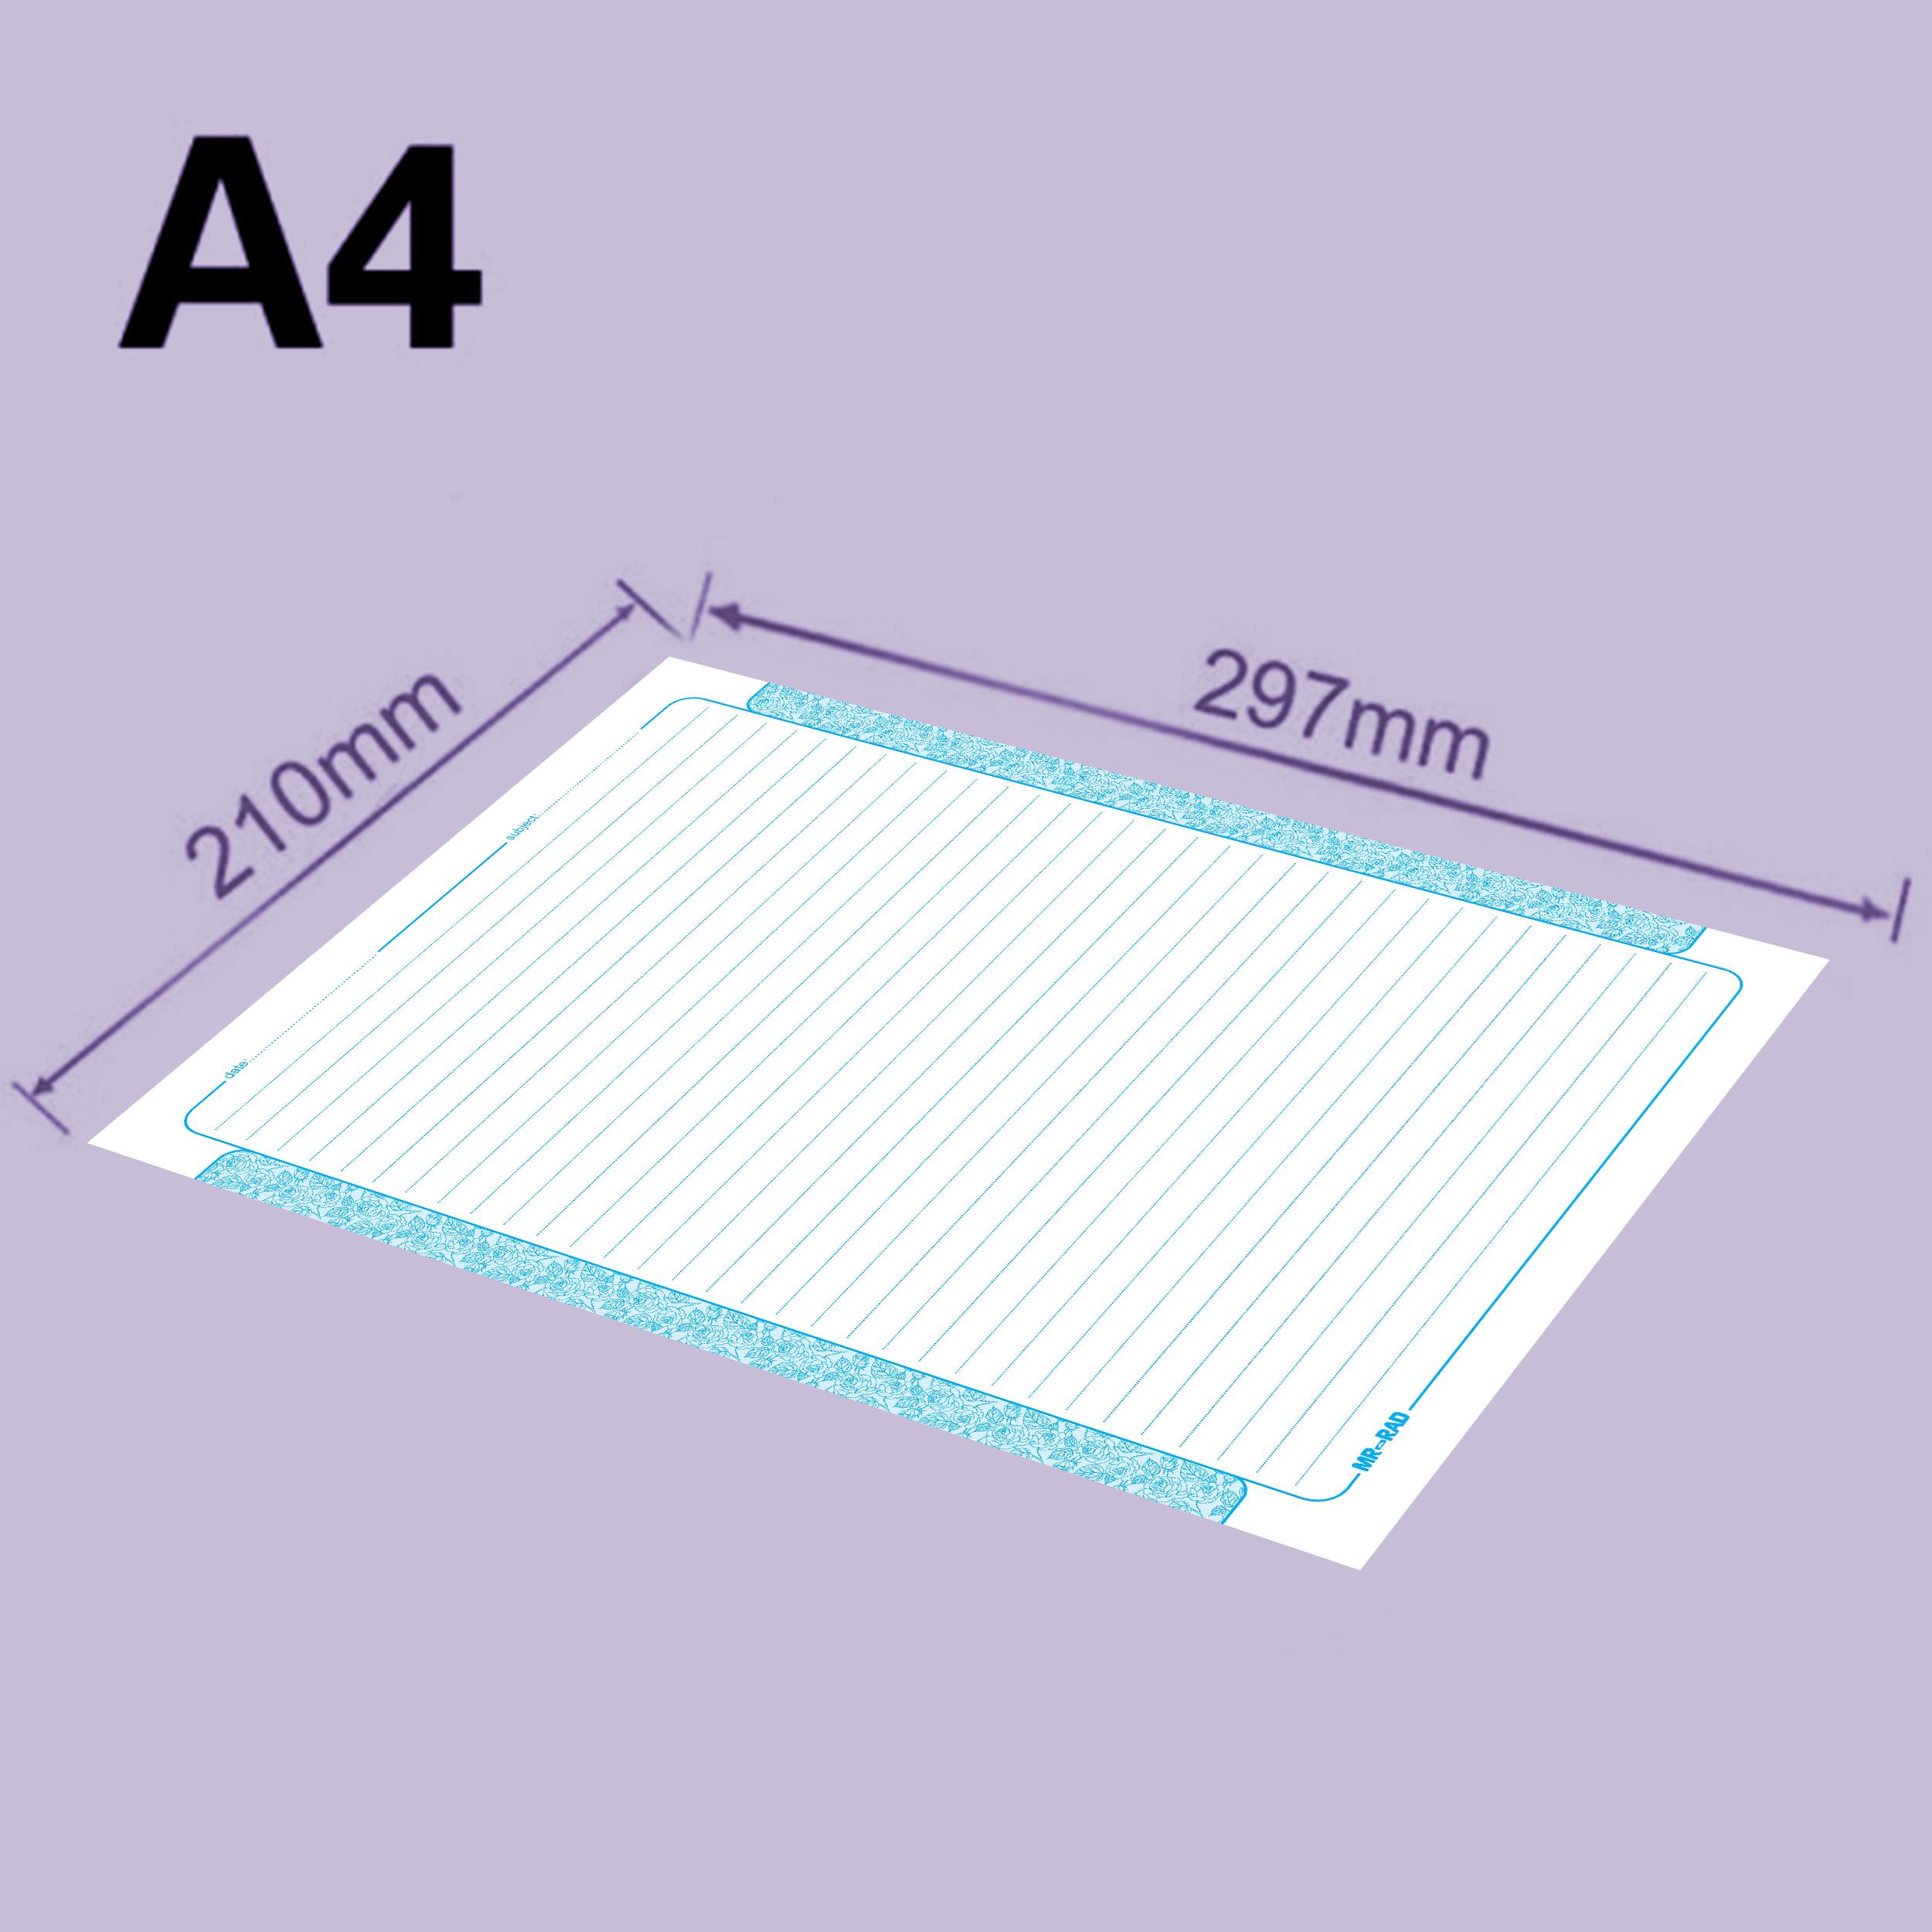 کاغذ A4 FG مدل آدرینا بسته 50 عددی